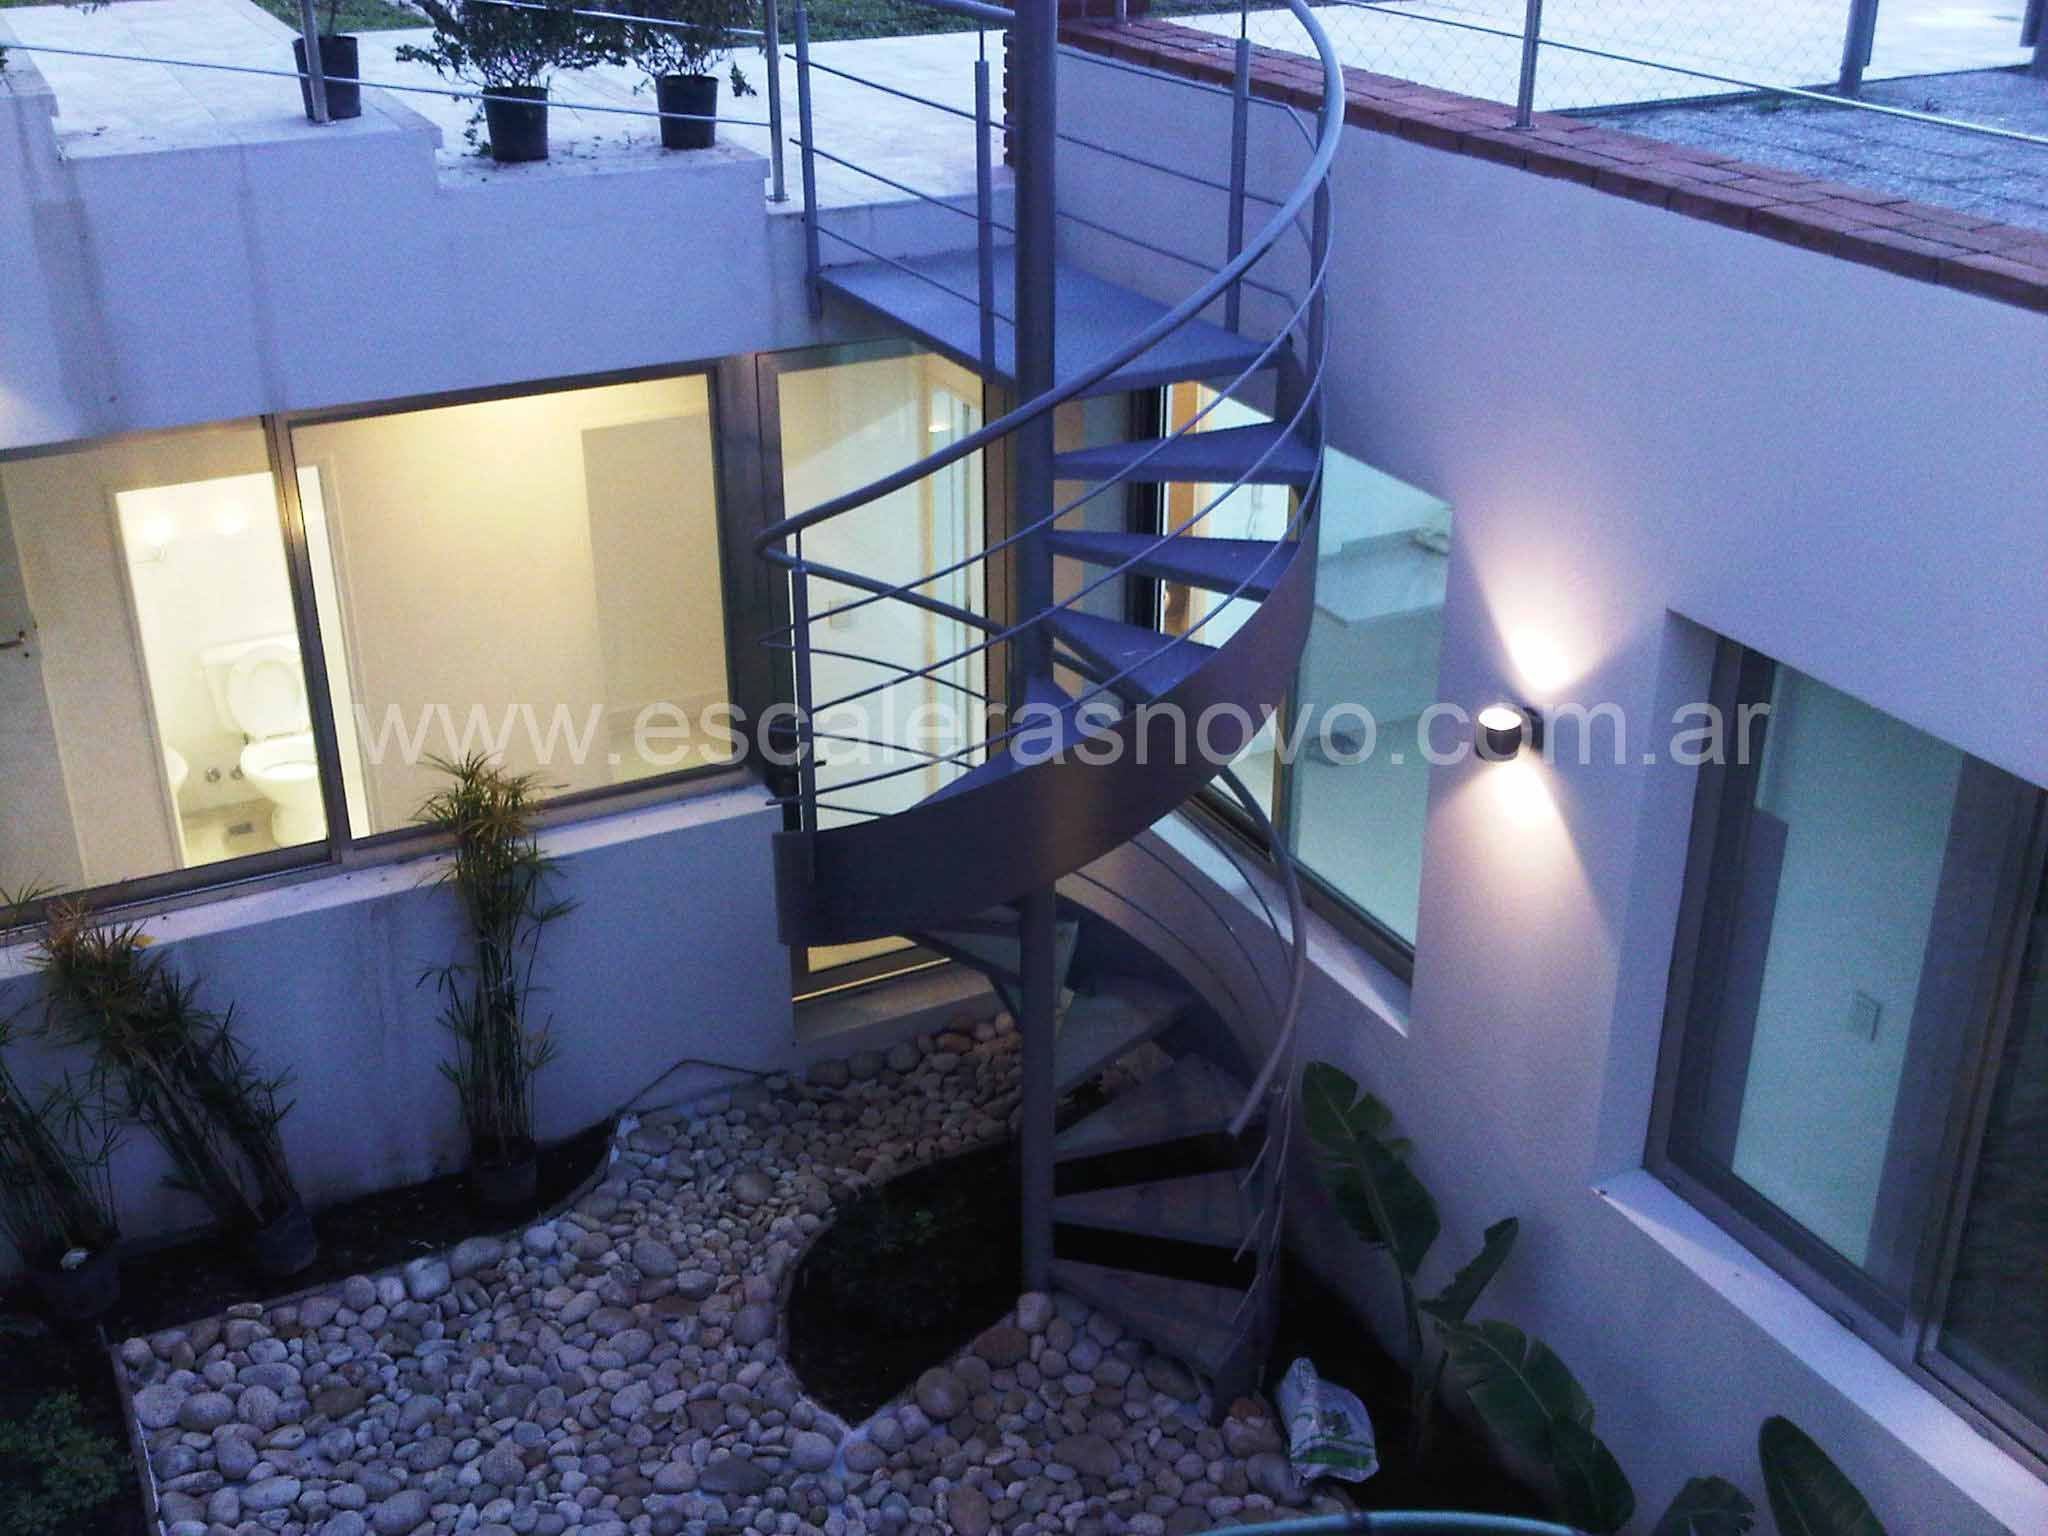 Escaleras caracol con cinta helicoidal exterior | Home Details | Escalera caracol, Caracoles y ...